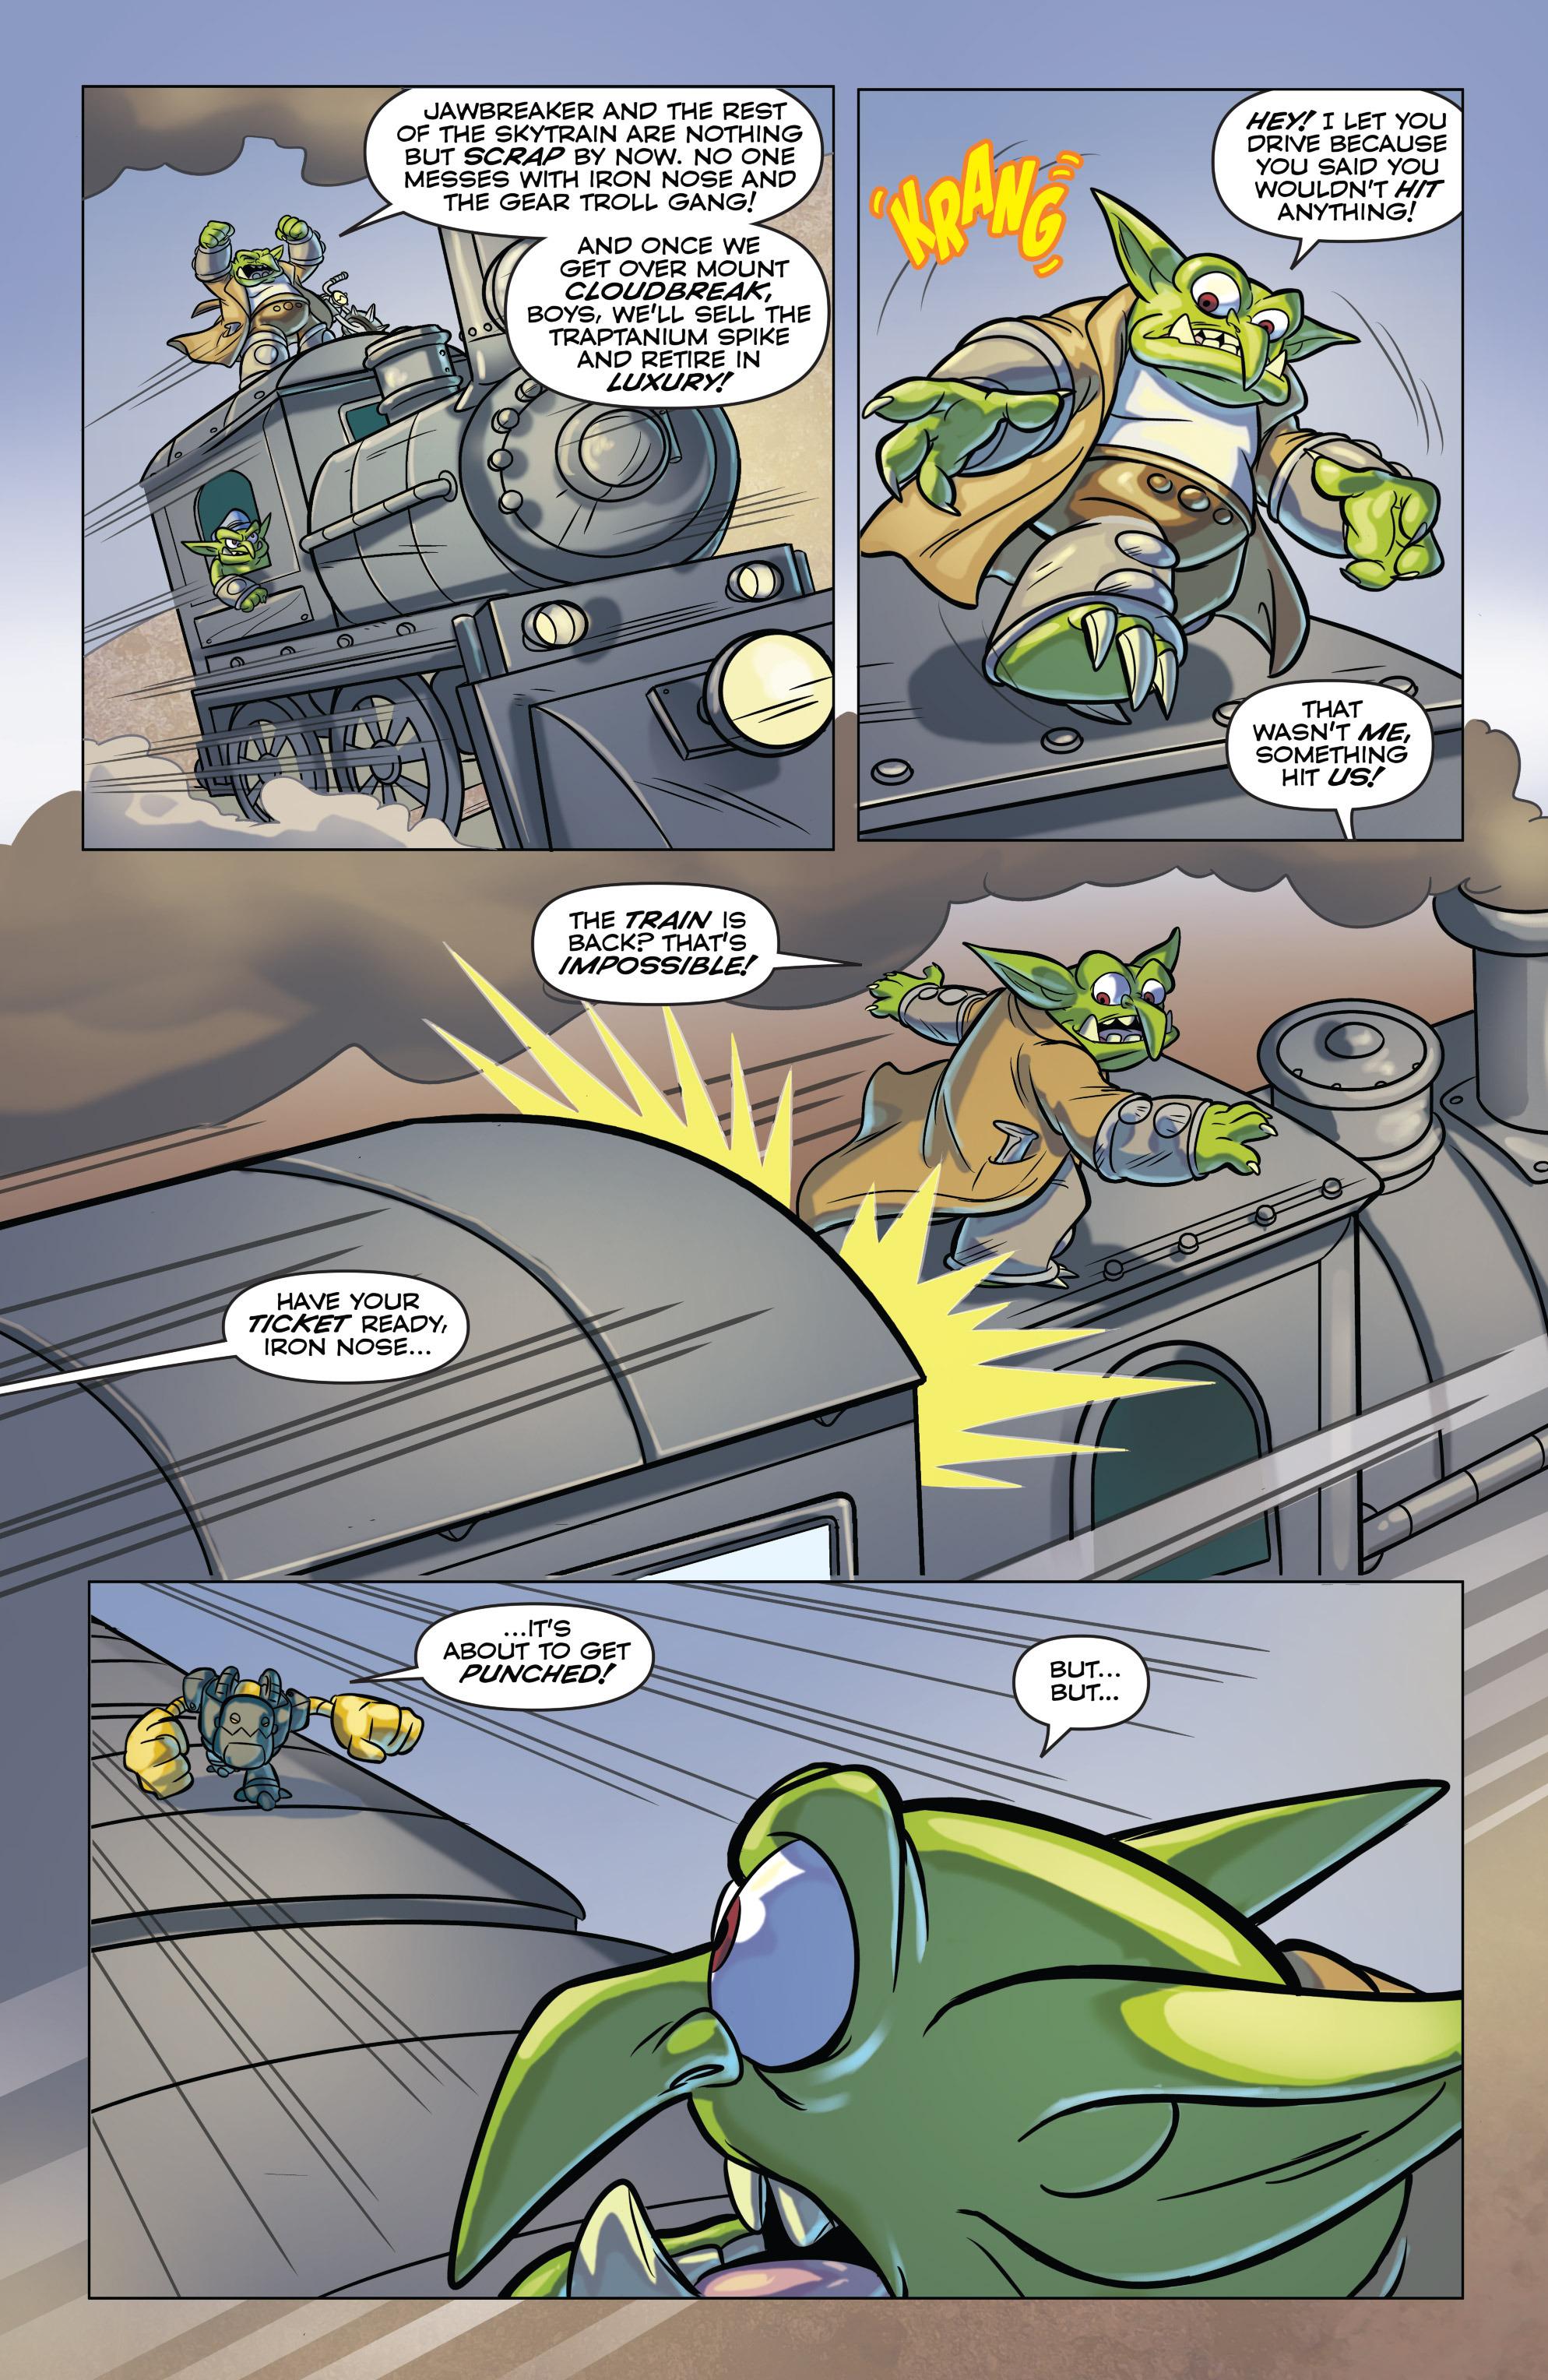 Read online Skylanders comic -  Issue #6 - 16